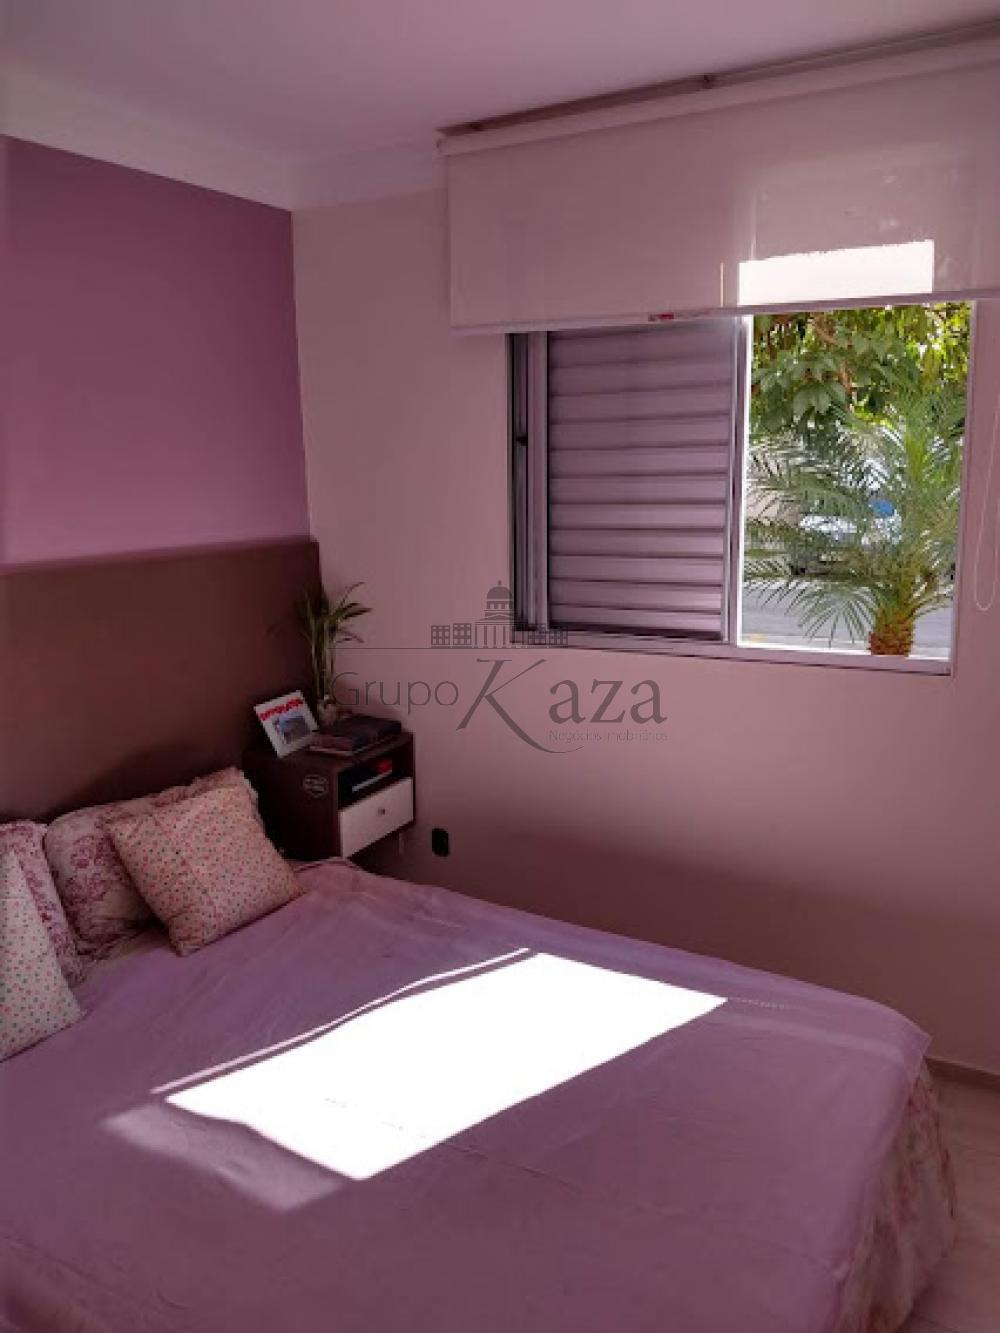 alt='Comprar Apartamento / Padrão em São José dos Campos R$ 188.000,00 - Foto 6' title='Comprar Apartamento / Padrão em São José dos Campos R$ 188.000,00 - Foto 6'